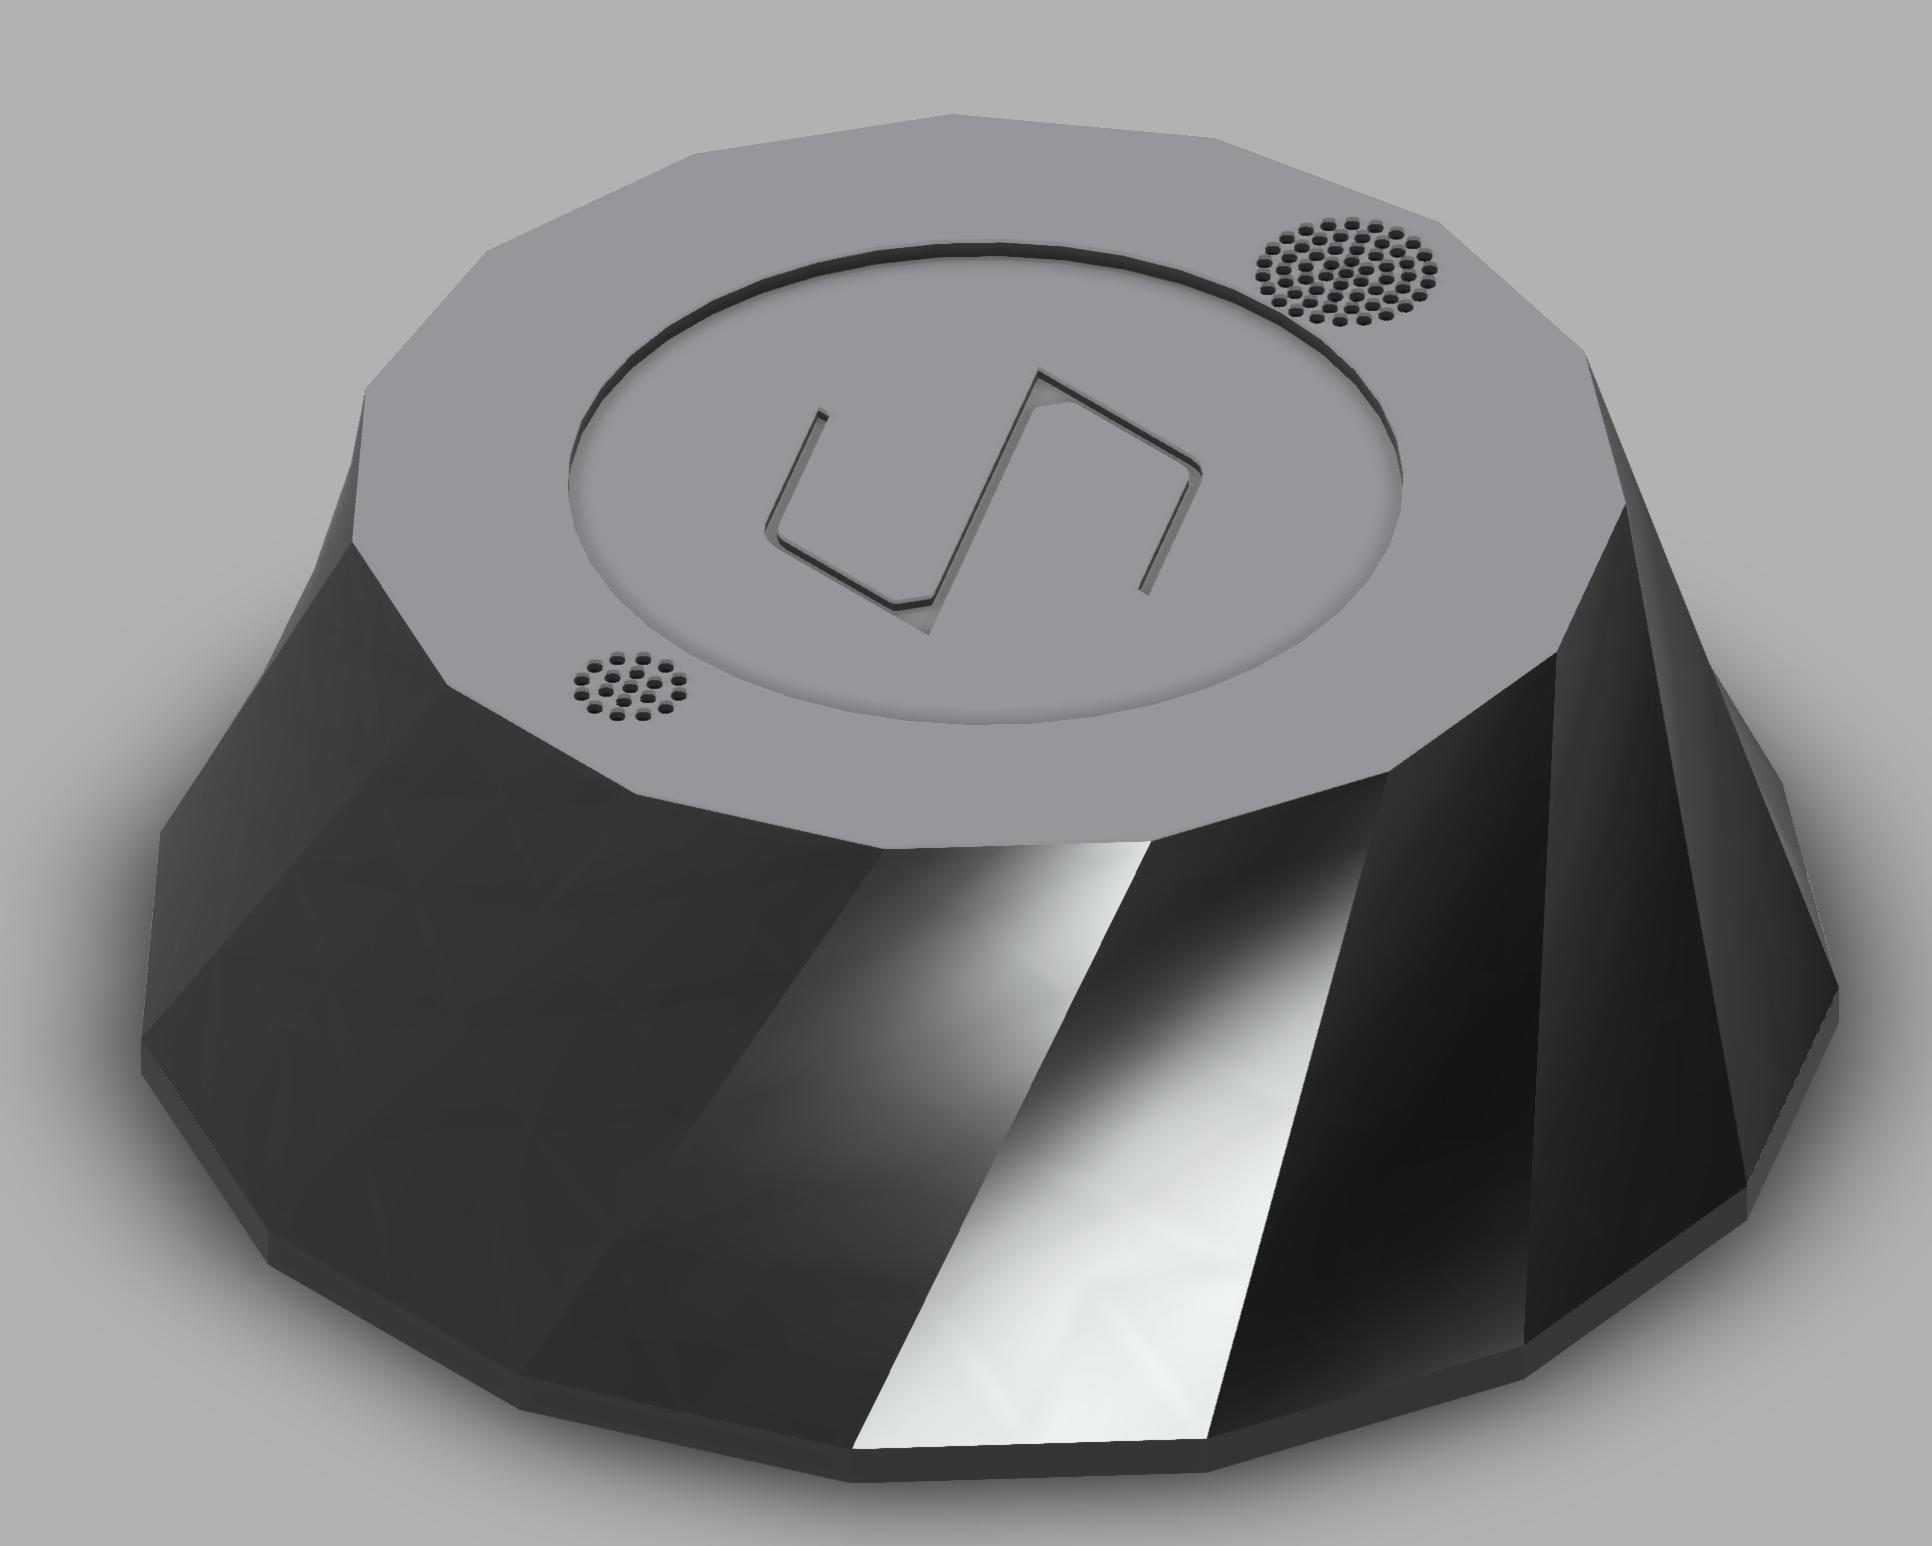 【プレスリリース】3Dフィギュアを〈しゃべる化〉できる台座「STARGE(スタージュ)」リリース